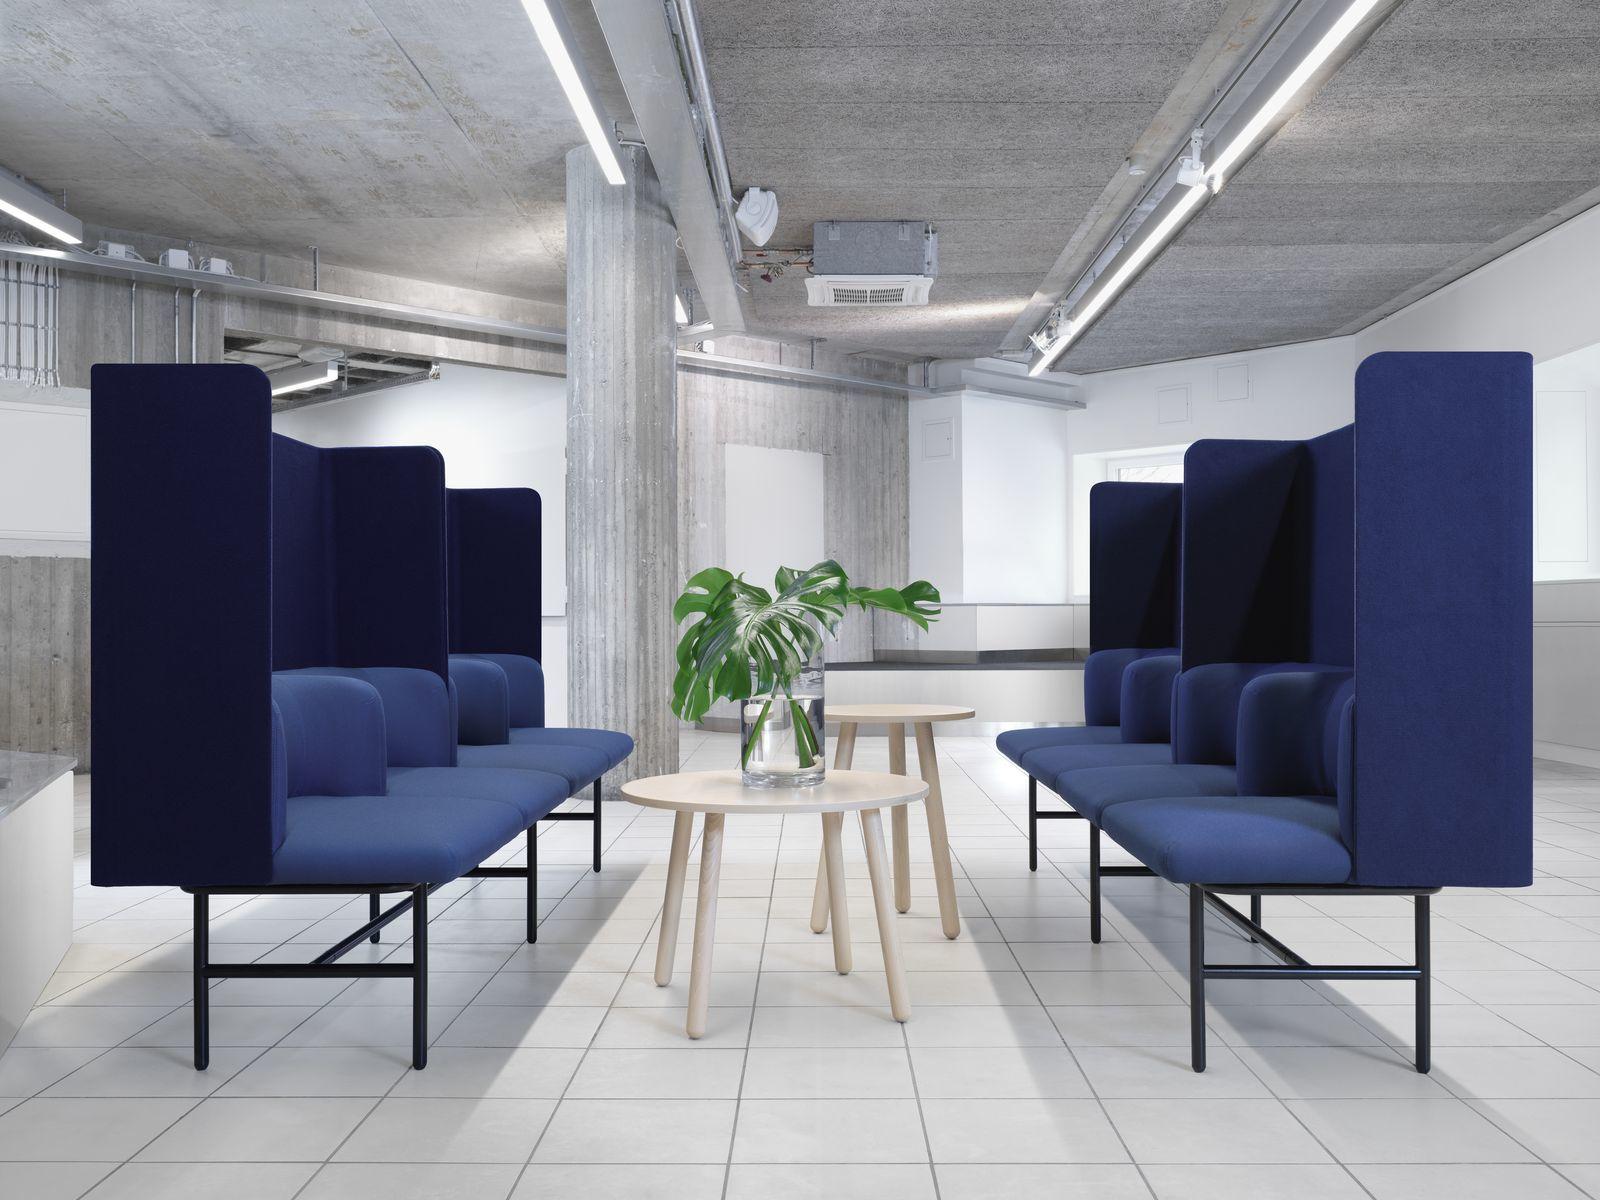 empfangstheken sitzmoebel foyer kanzlei blau schutz